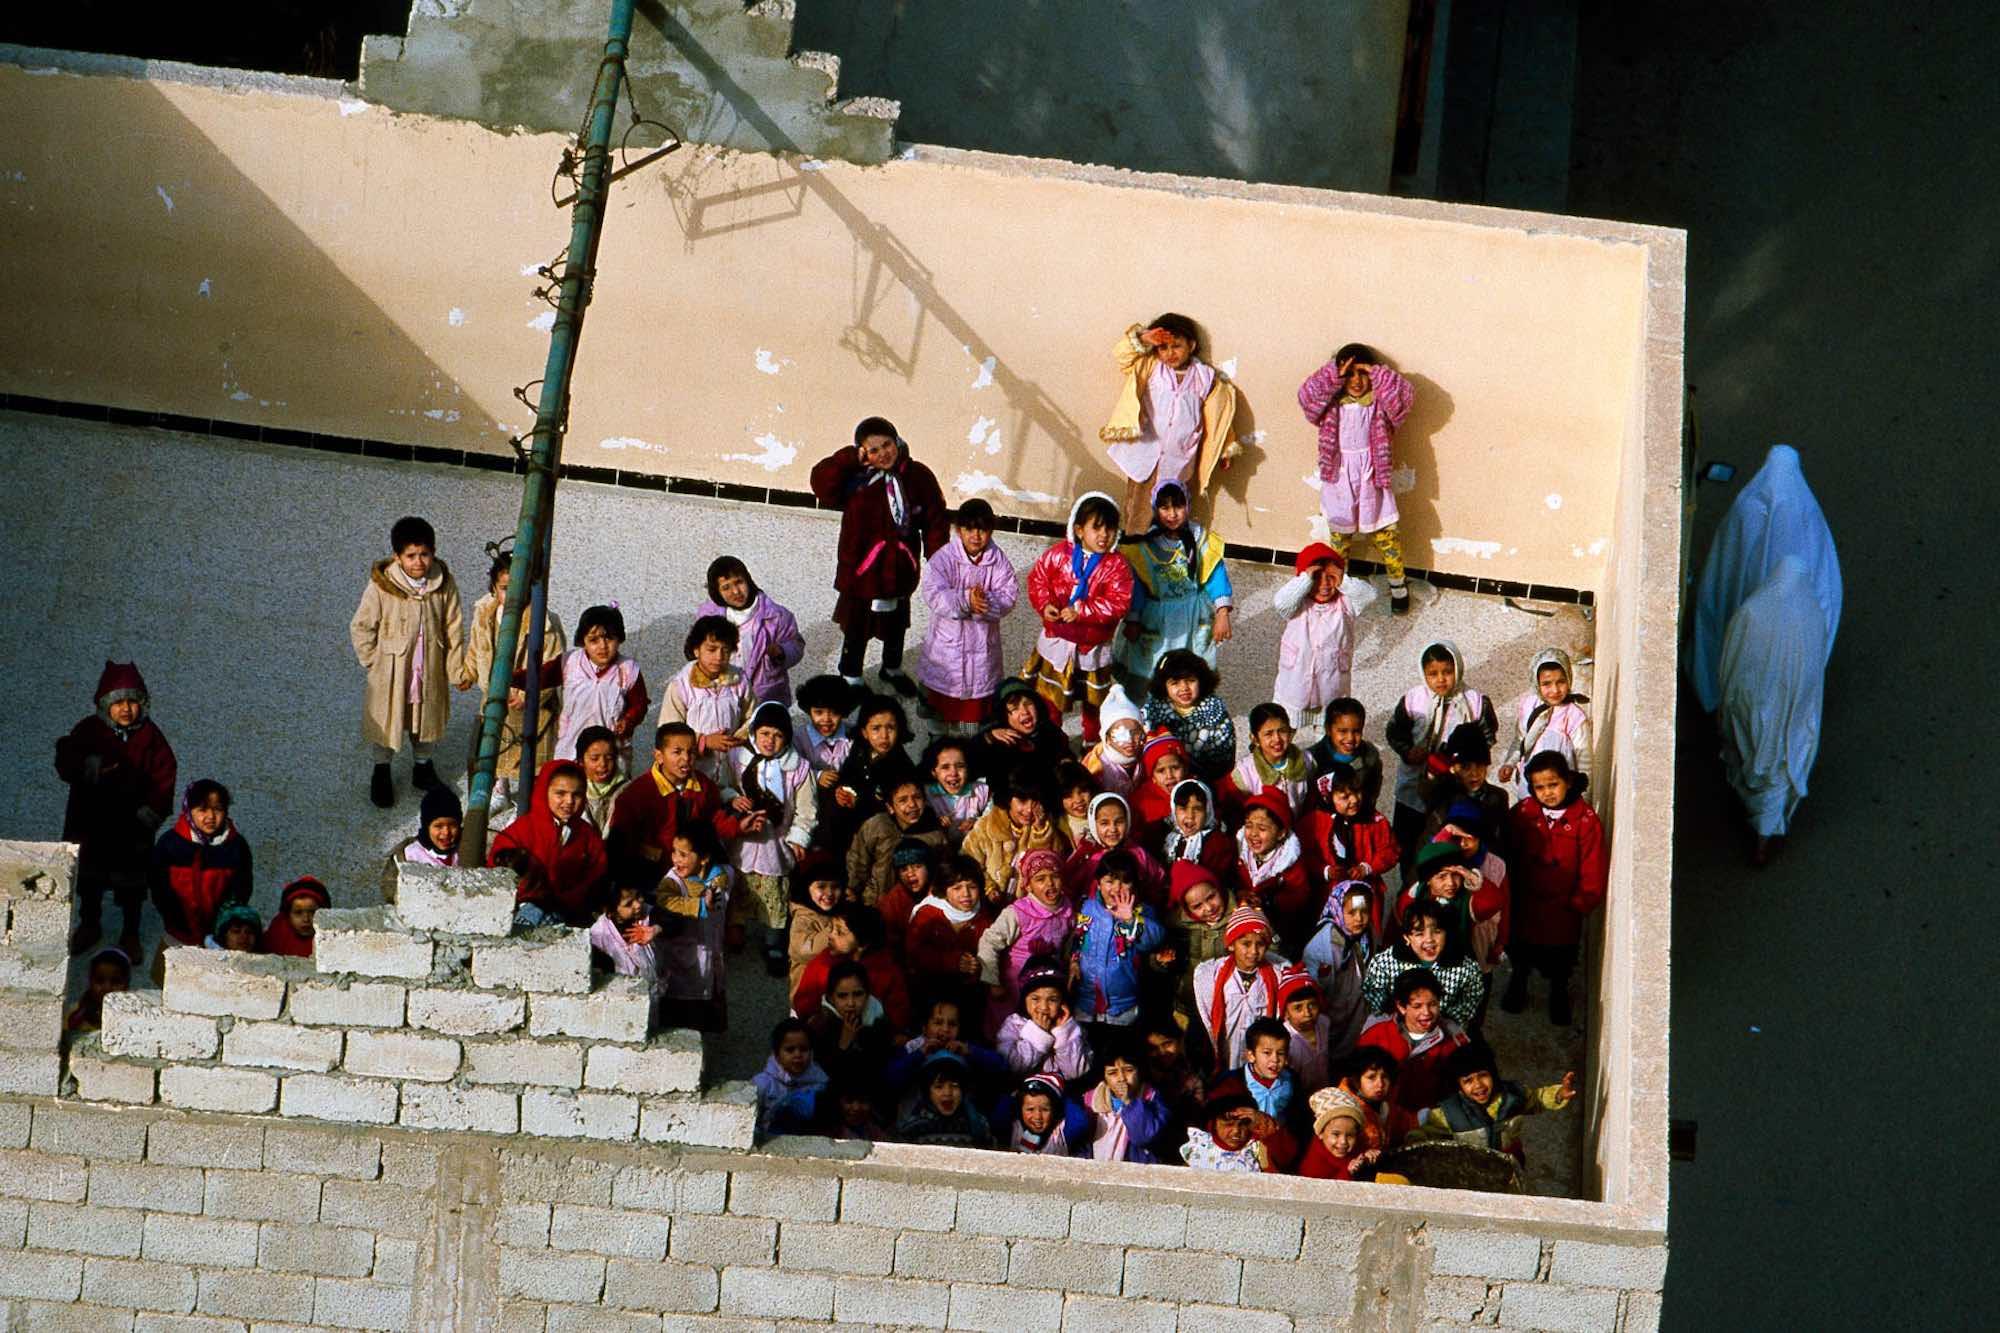 Ghardaïa's children - Yann Arthus-Bertrand